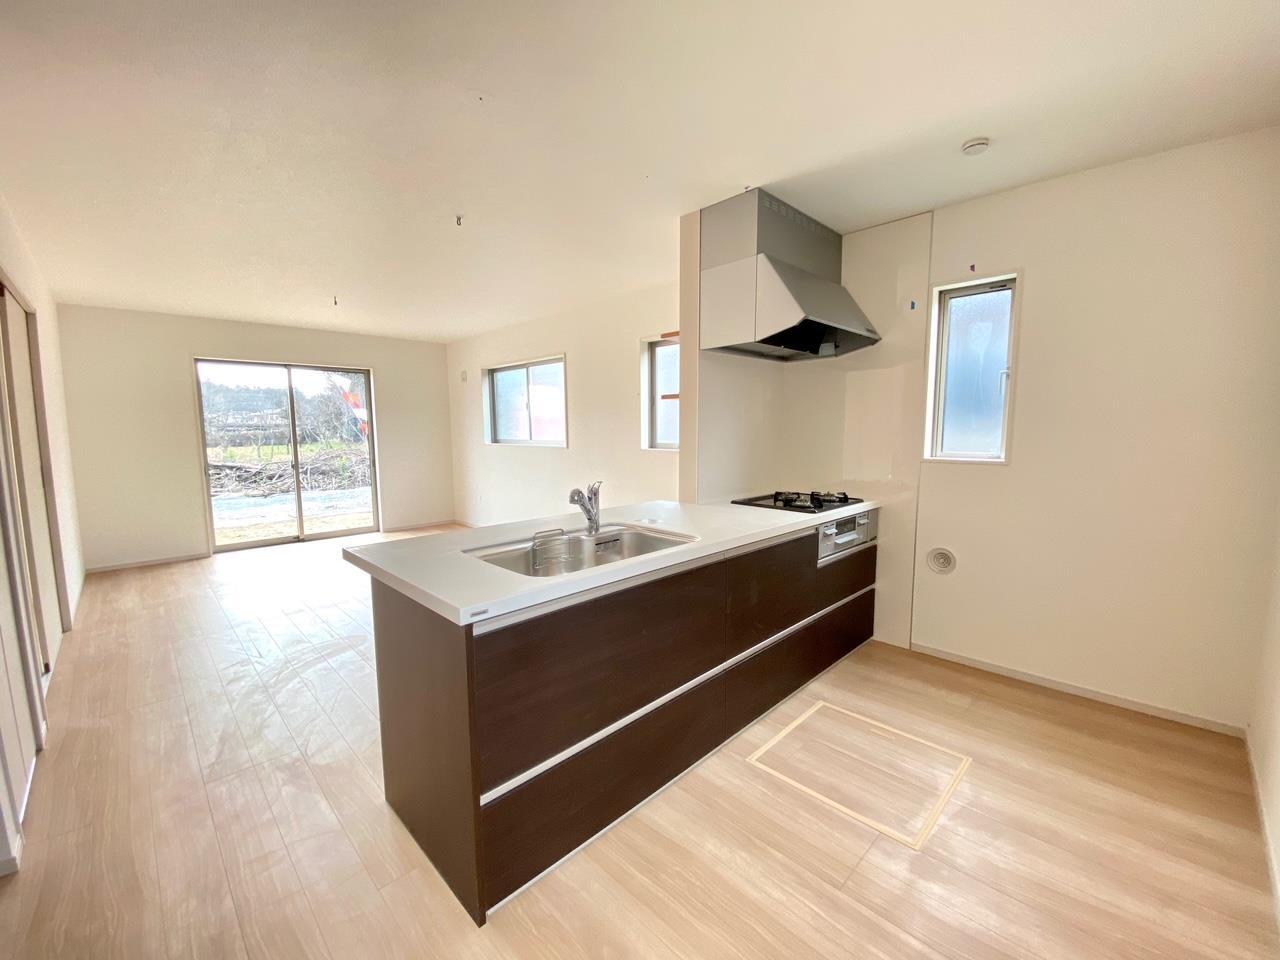 キッチン/開放的で大空間のキッチン。その横には大きなフリースペースがあるので、【パントリー】や【作業スペース】等々、多目的に使用できます!